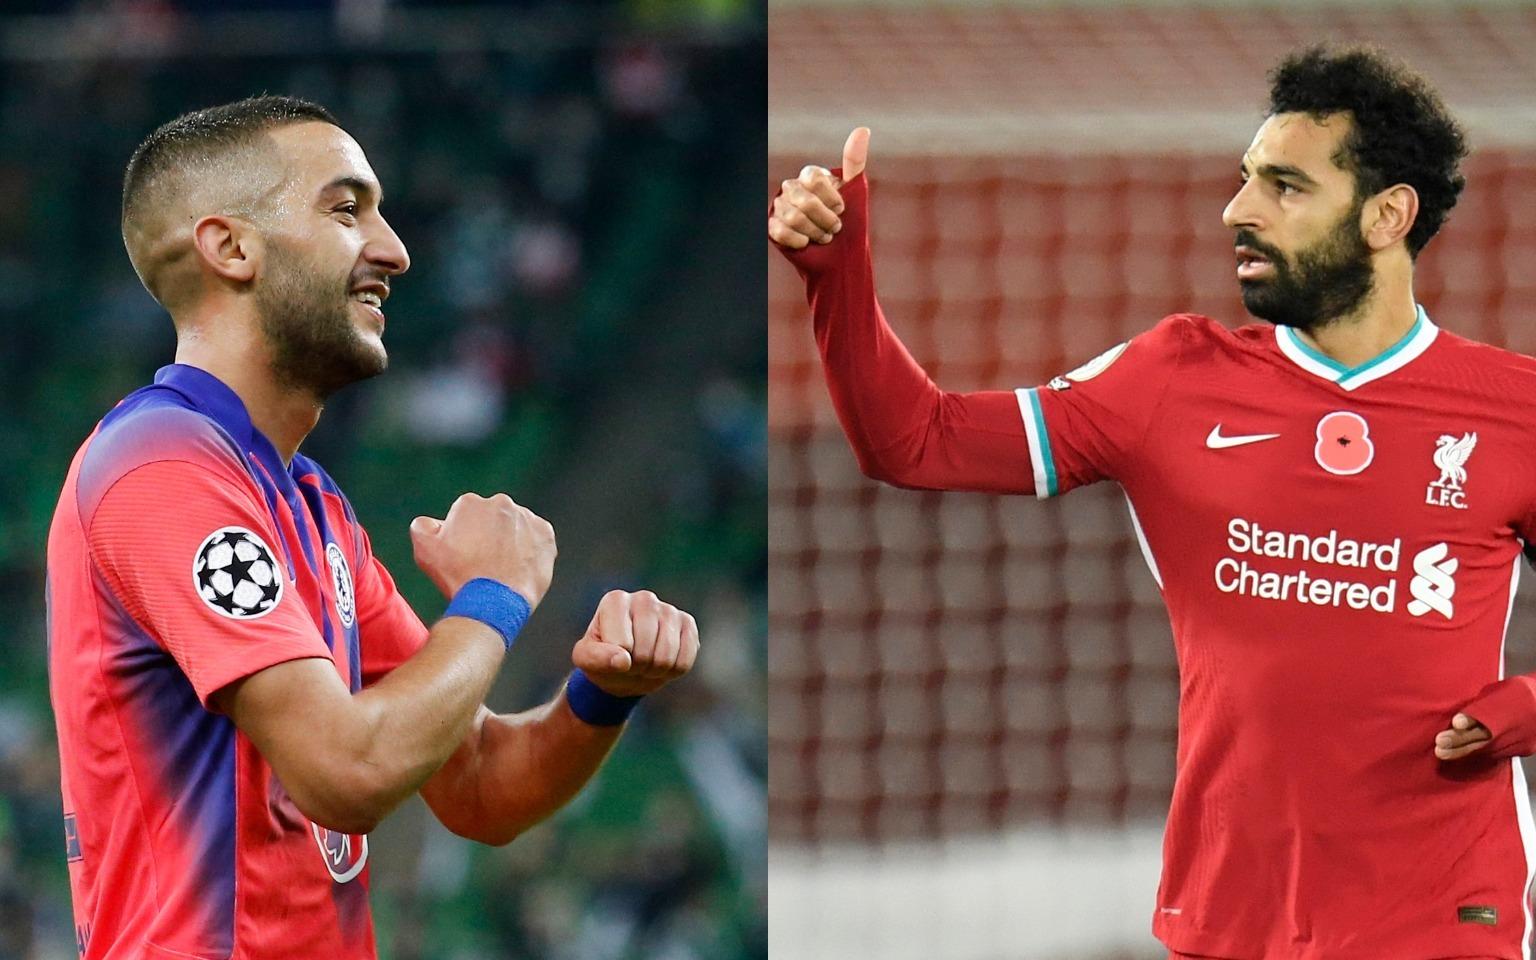 4 لاعبين عرب بين الـ100 الأفضل ولاعب أجنبي في نادي عربي